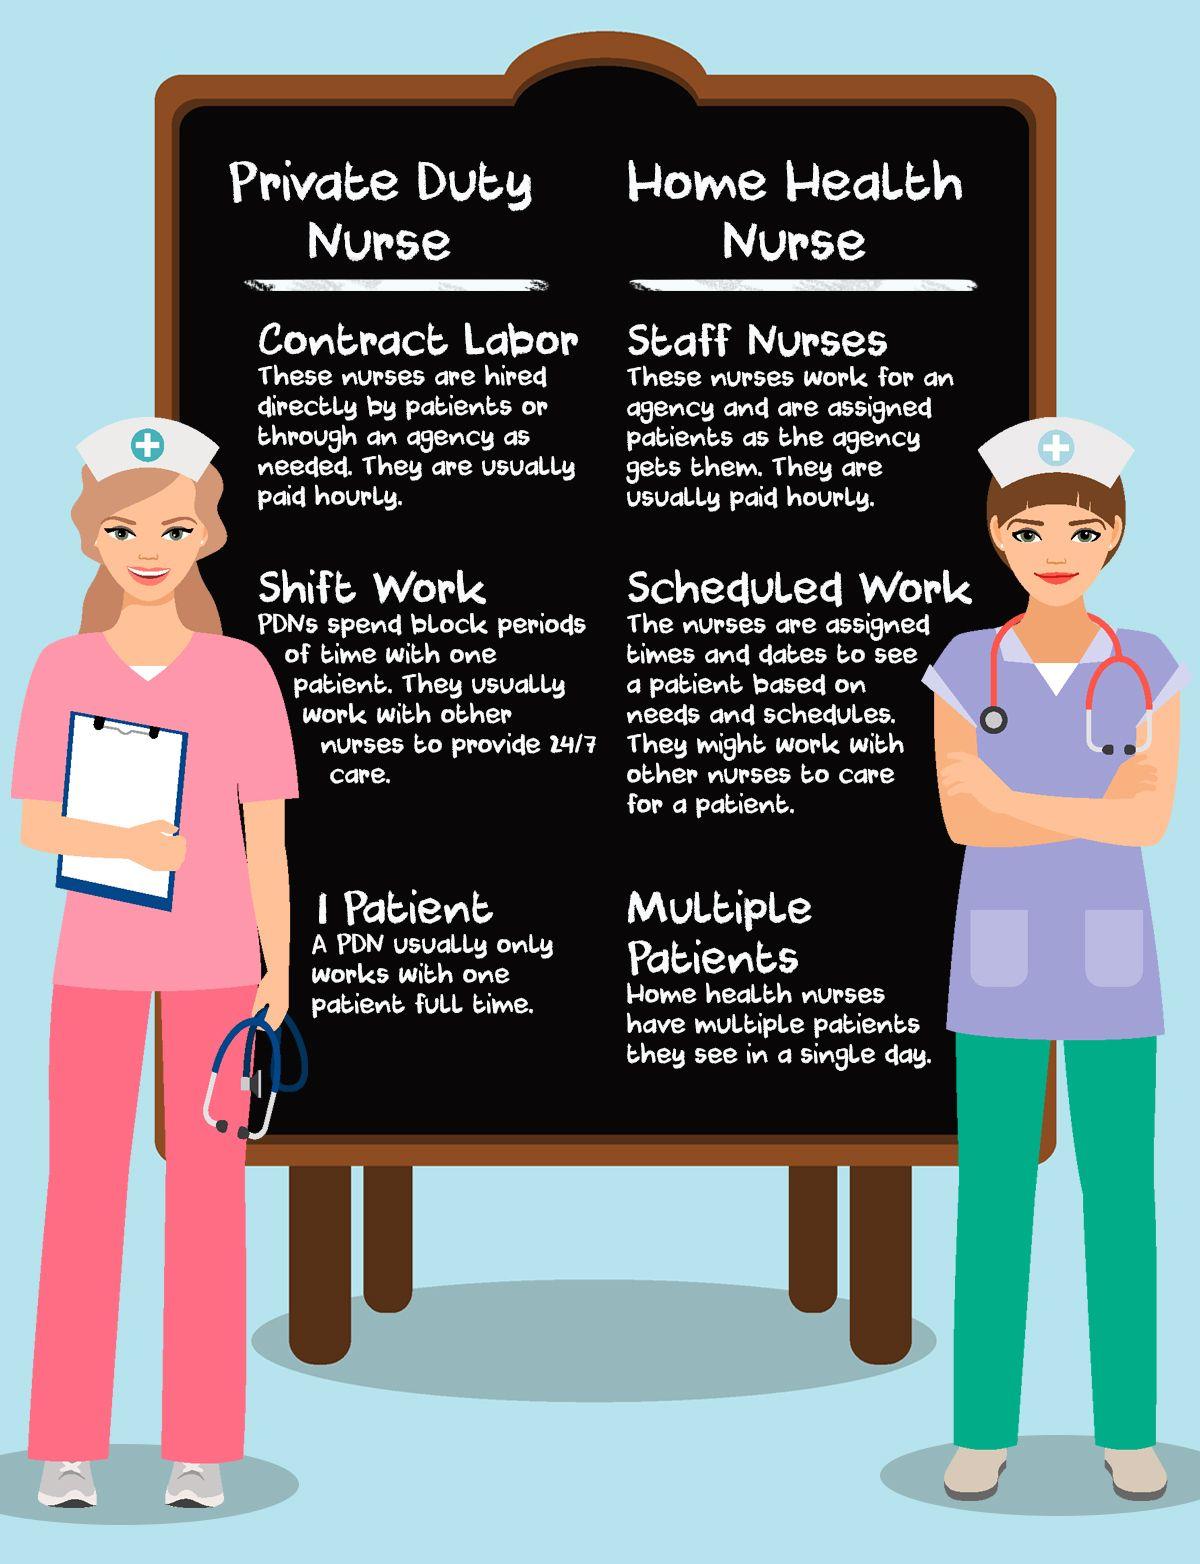 Private Duty vs Home Health Nurse (Info Graph) Home